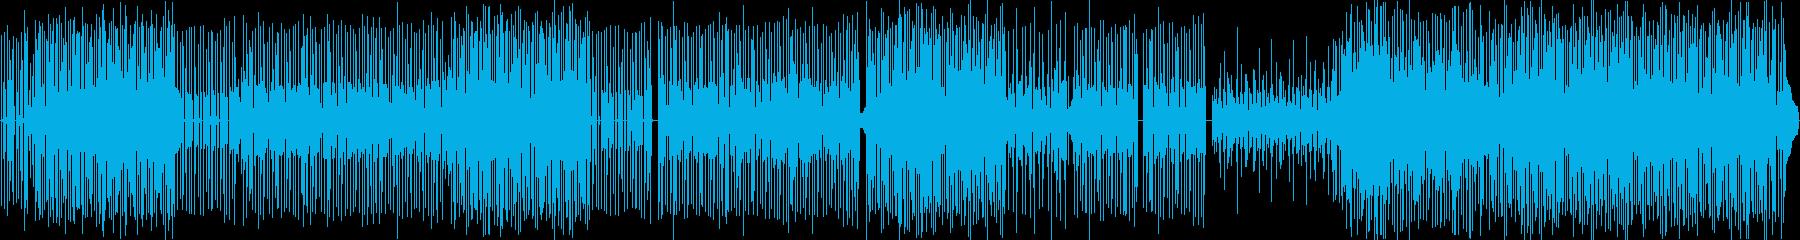 ラテン・レゲエの再生済みの波形